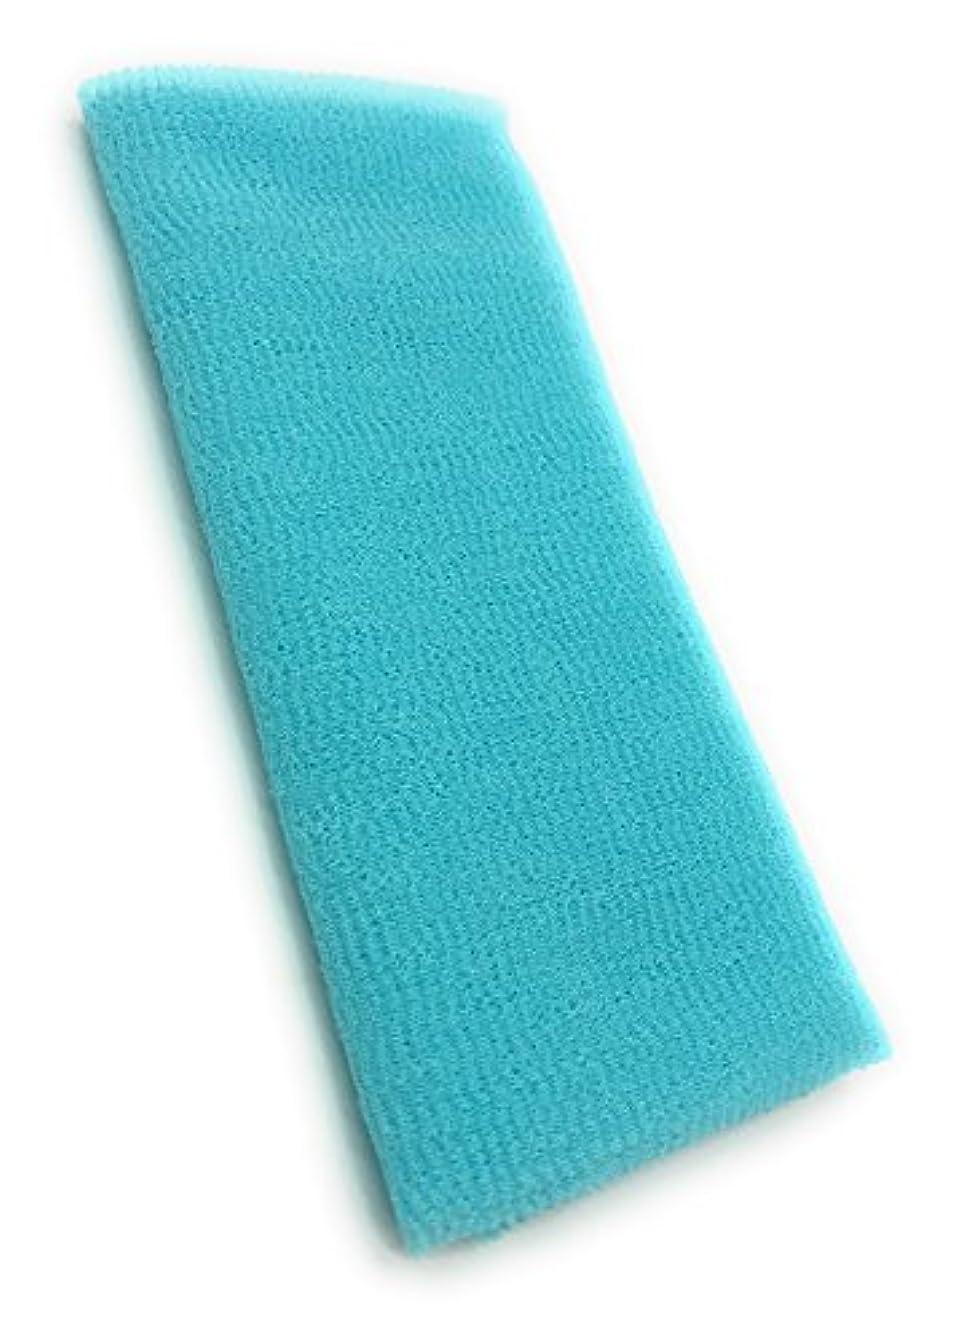 合唱団明るくするエスカレーターMaltose あかすりタオル ボディタオル ロングボディブラシ やわらか 濃密泡 背中 お風呂用 メンズ 5色 (ブルー)